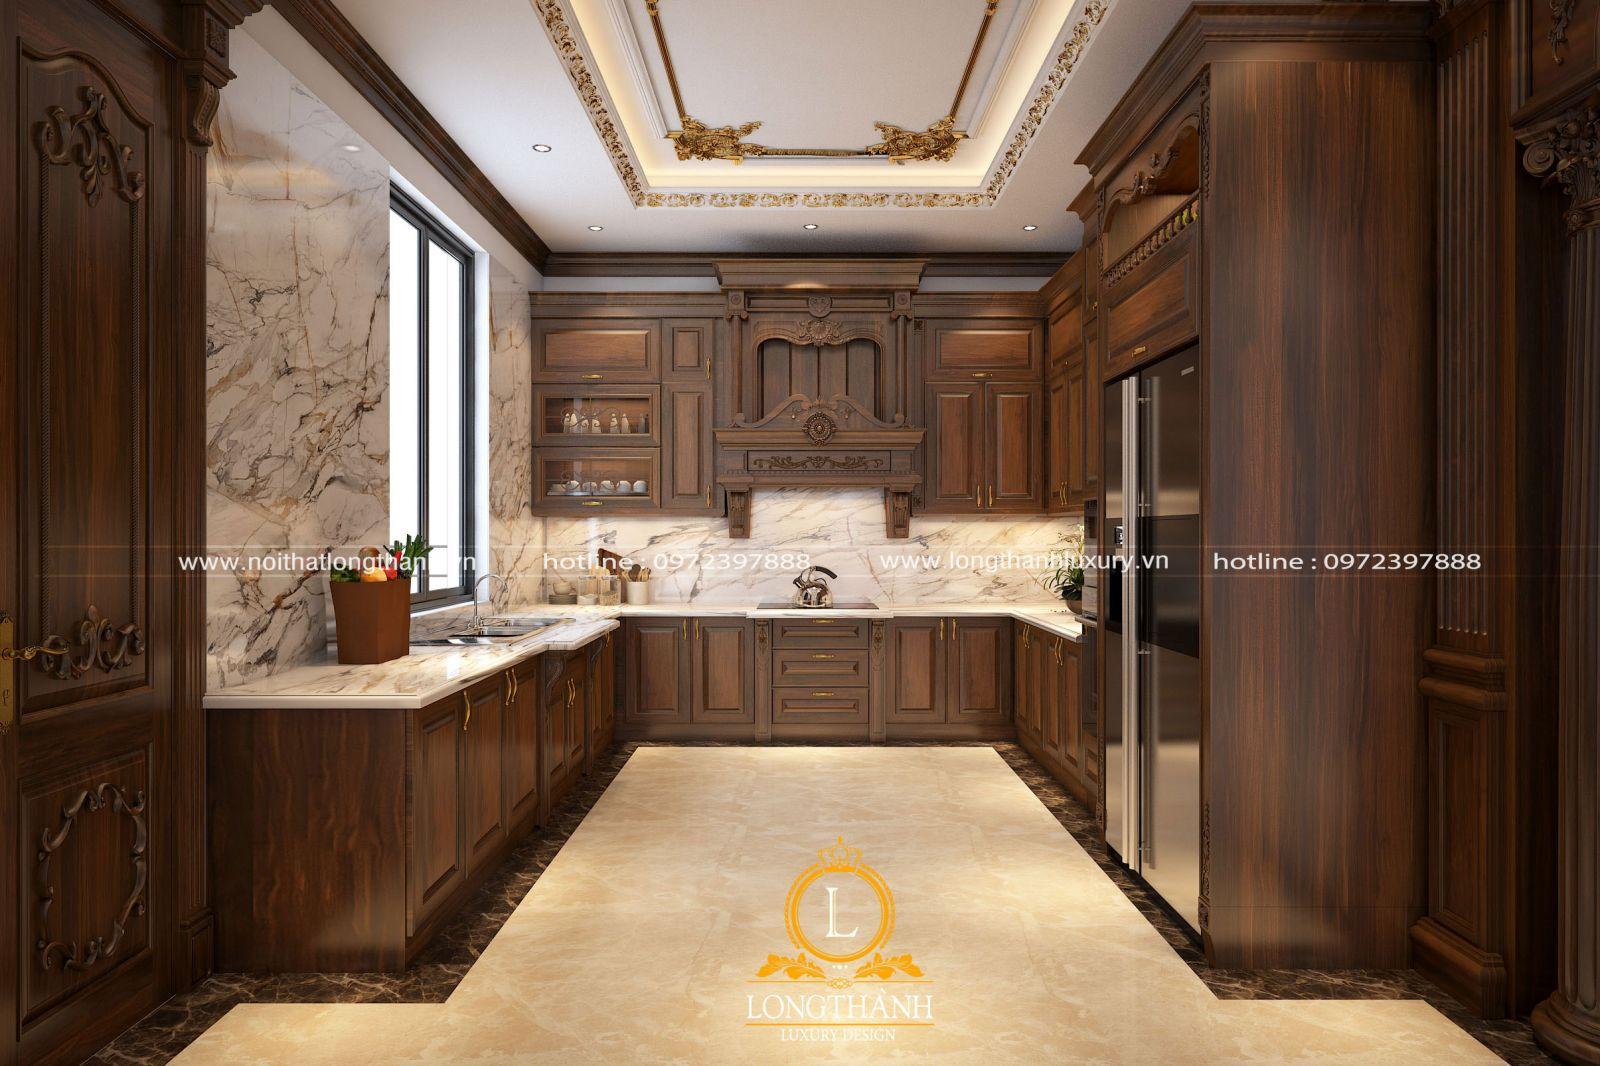 Thiết kế tủ bếp tân cổ điển chữ U cho phòng bếp thêm tiện nghi